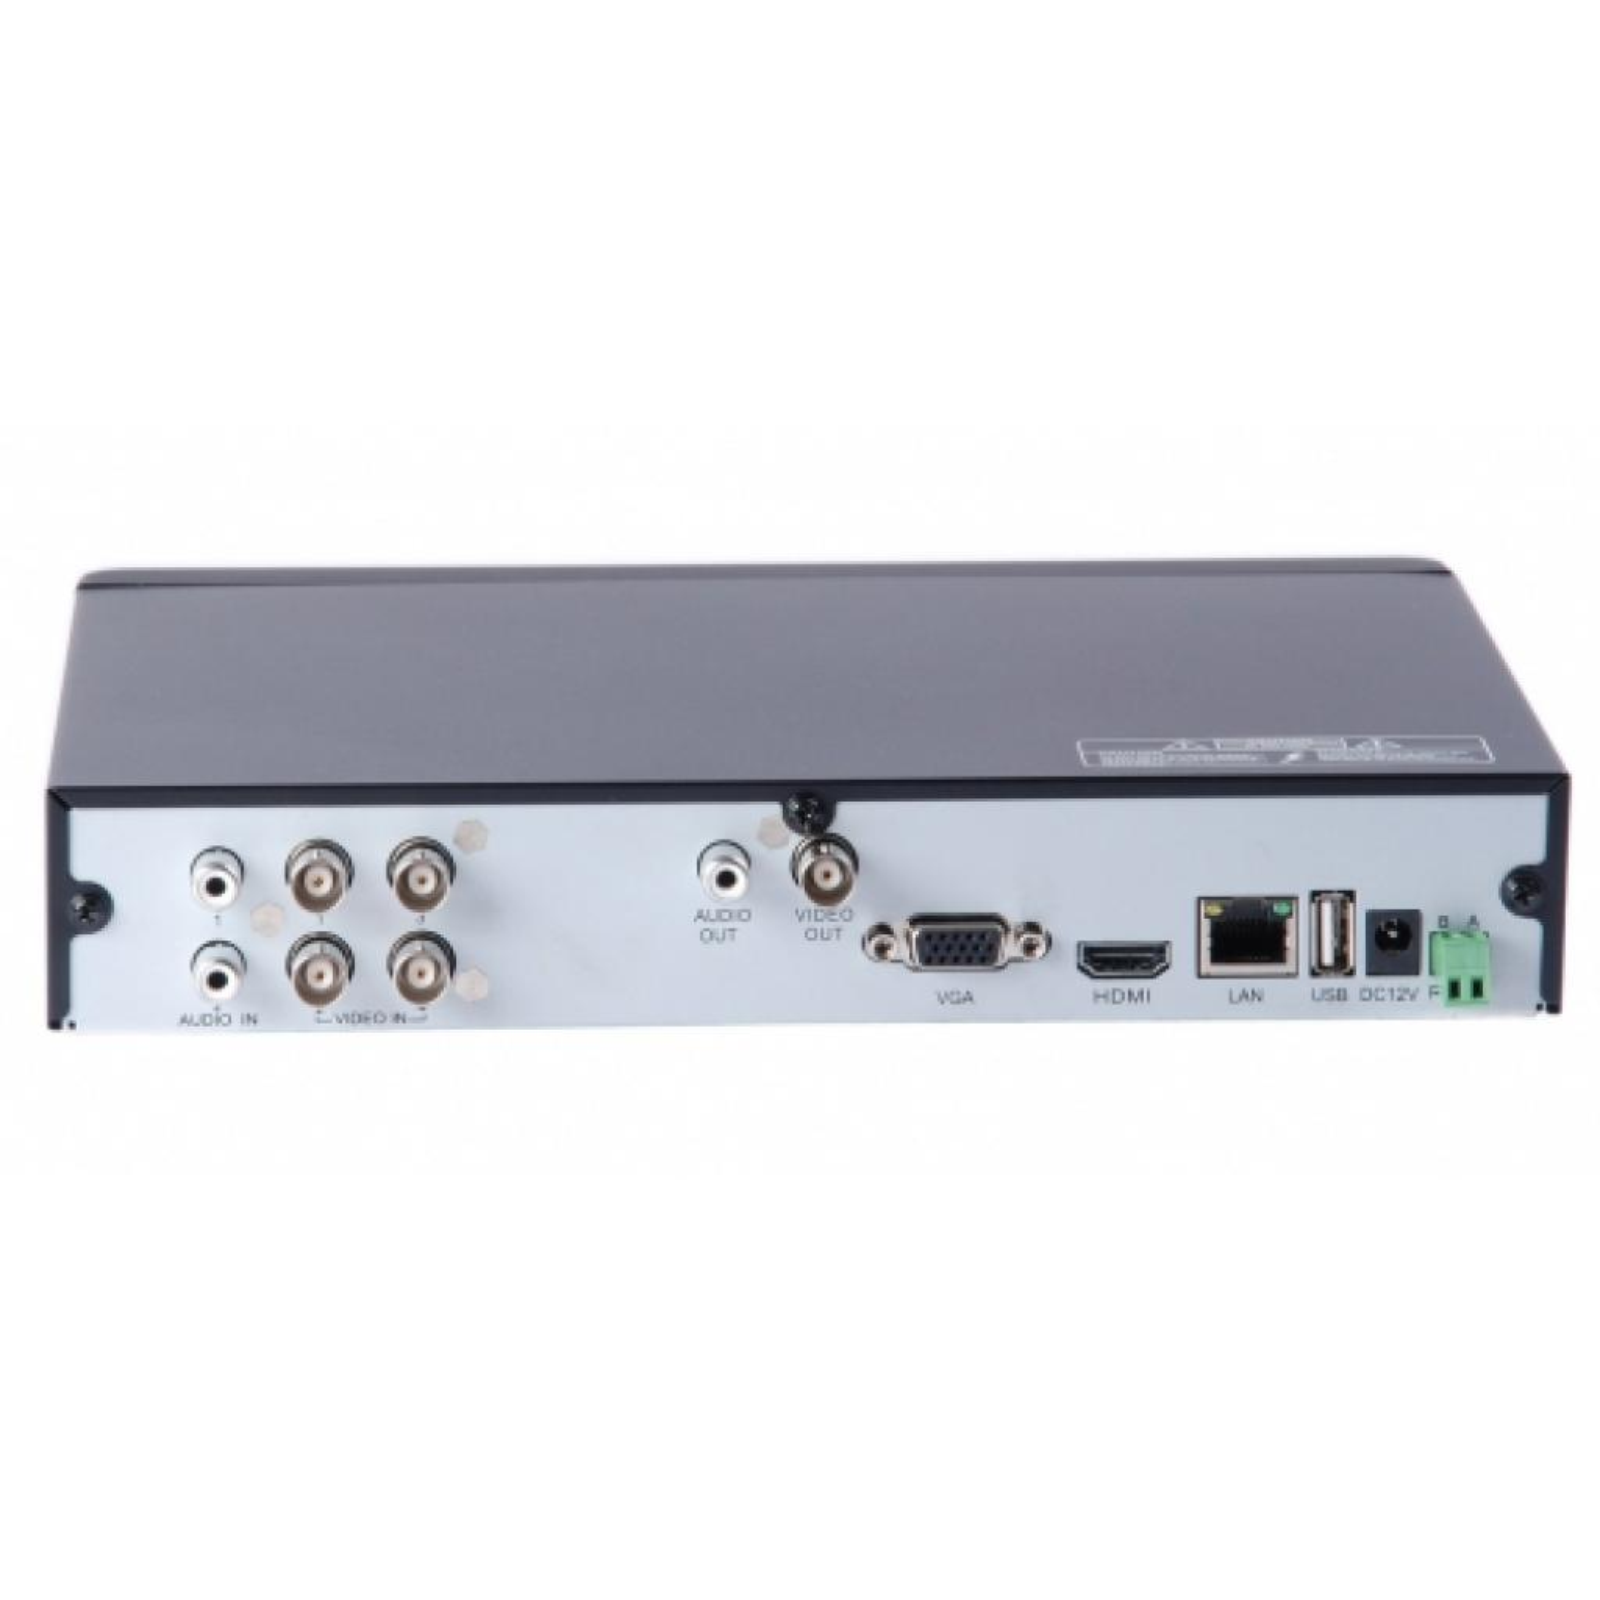 Регистратор для видеонаблюдения Gazer NS204r изображение 4